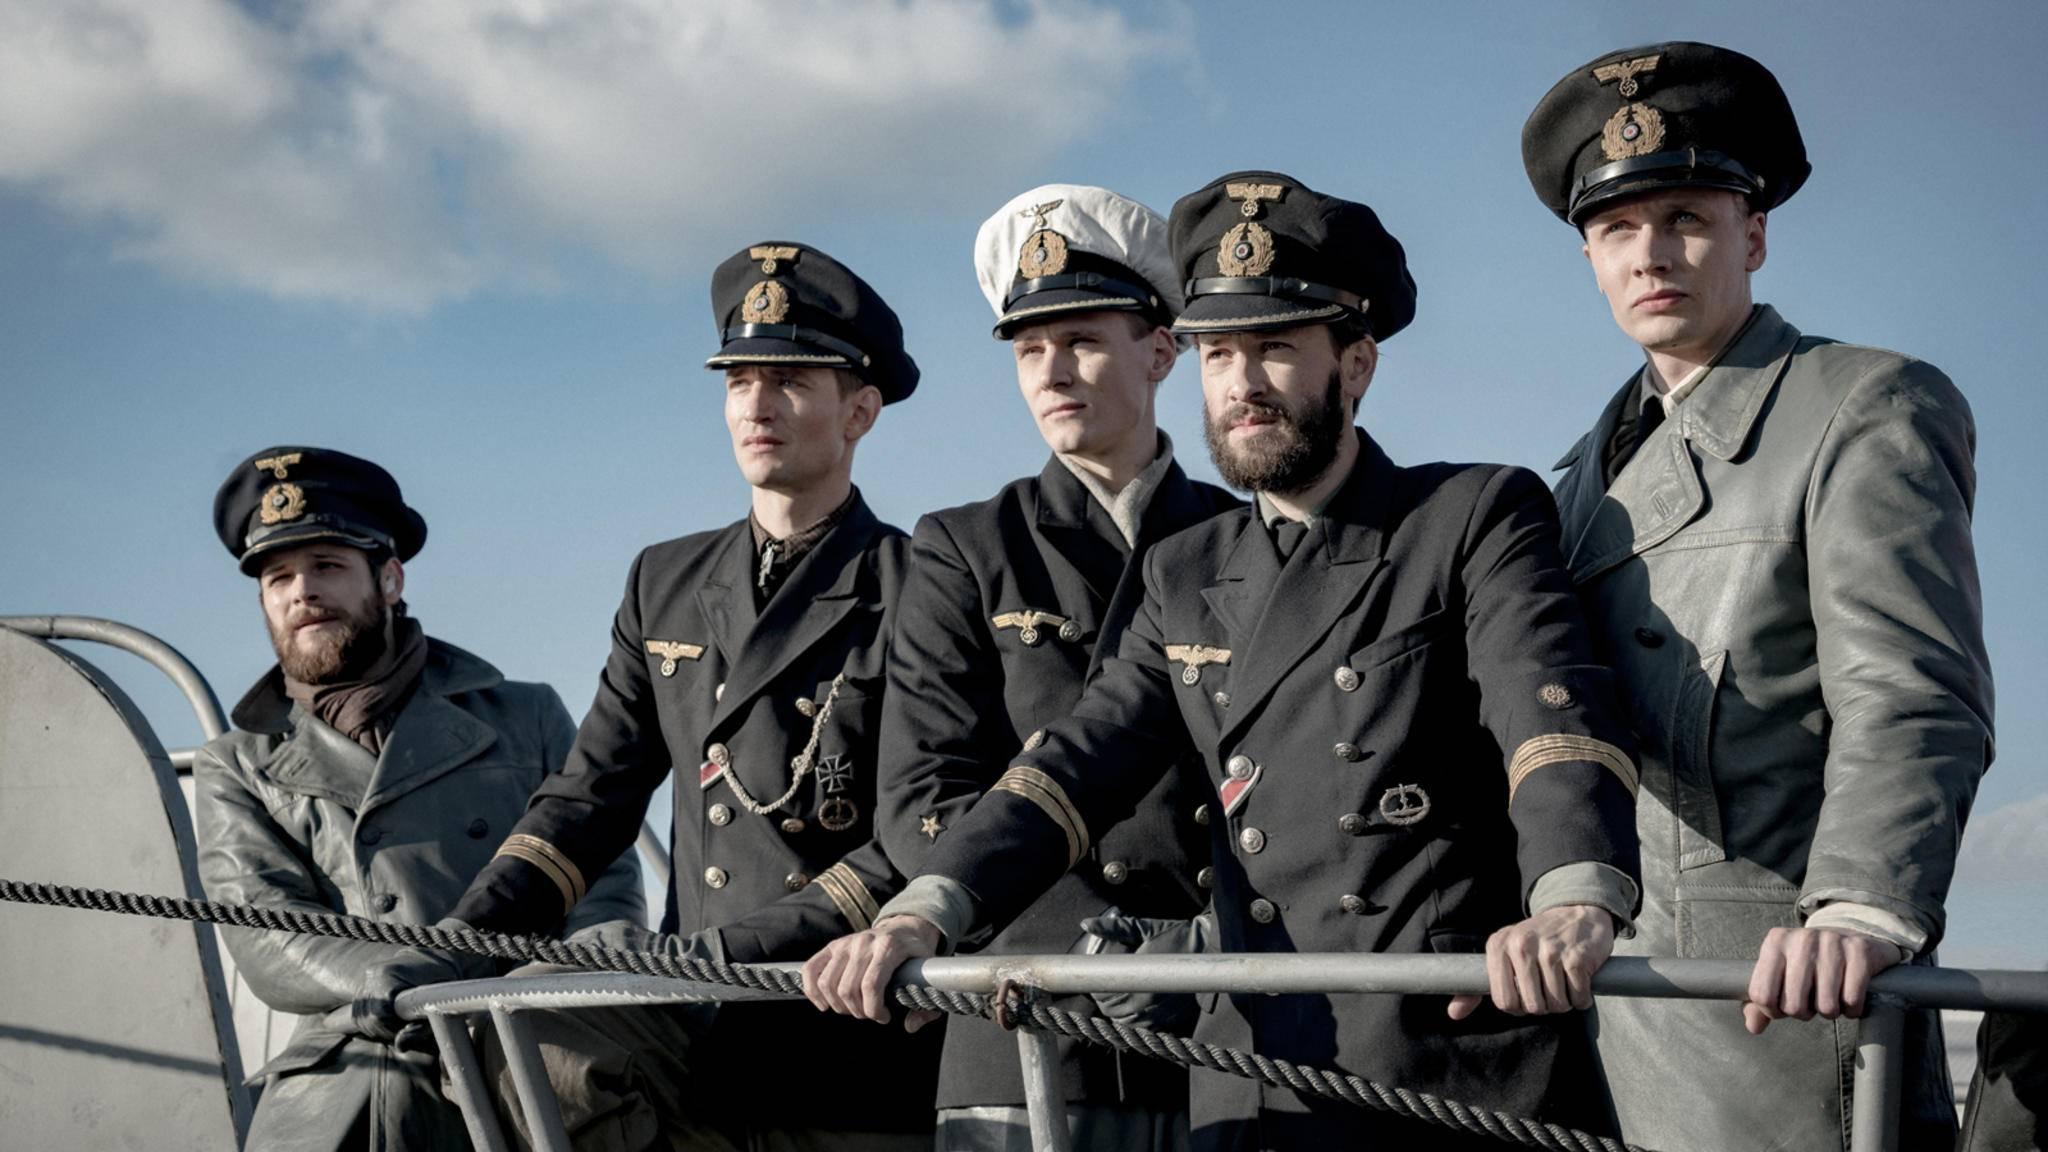 """Alle Mann an Deck – oder doch lieber auf Tauchstation gehen? """"Das Boot"""" meldet sich auf Sky als Serie zurück."""